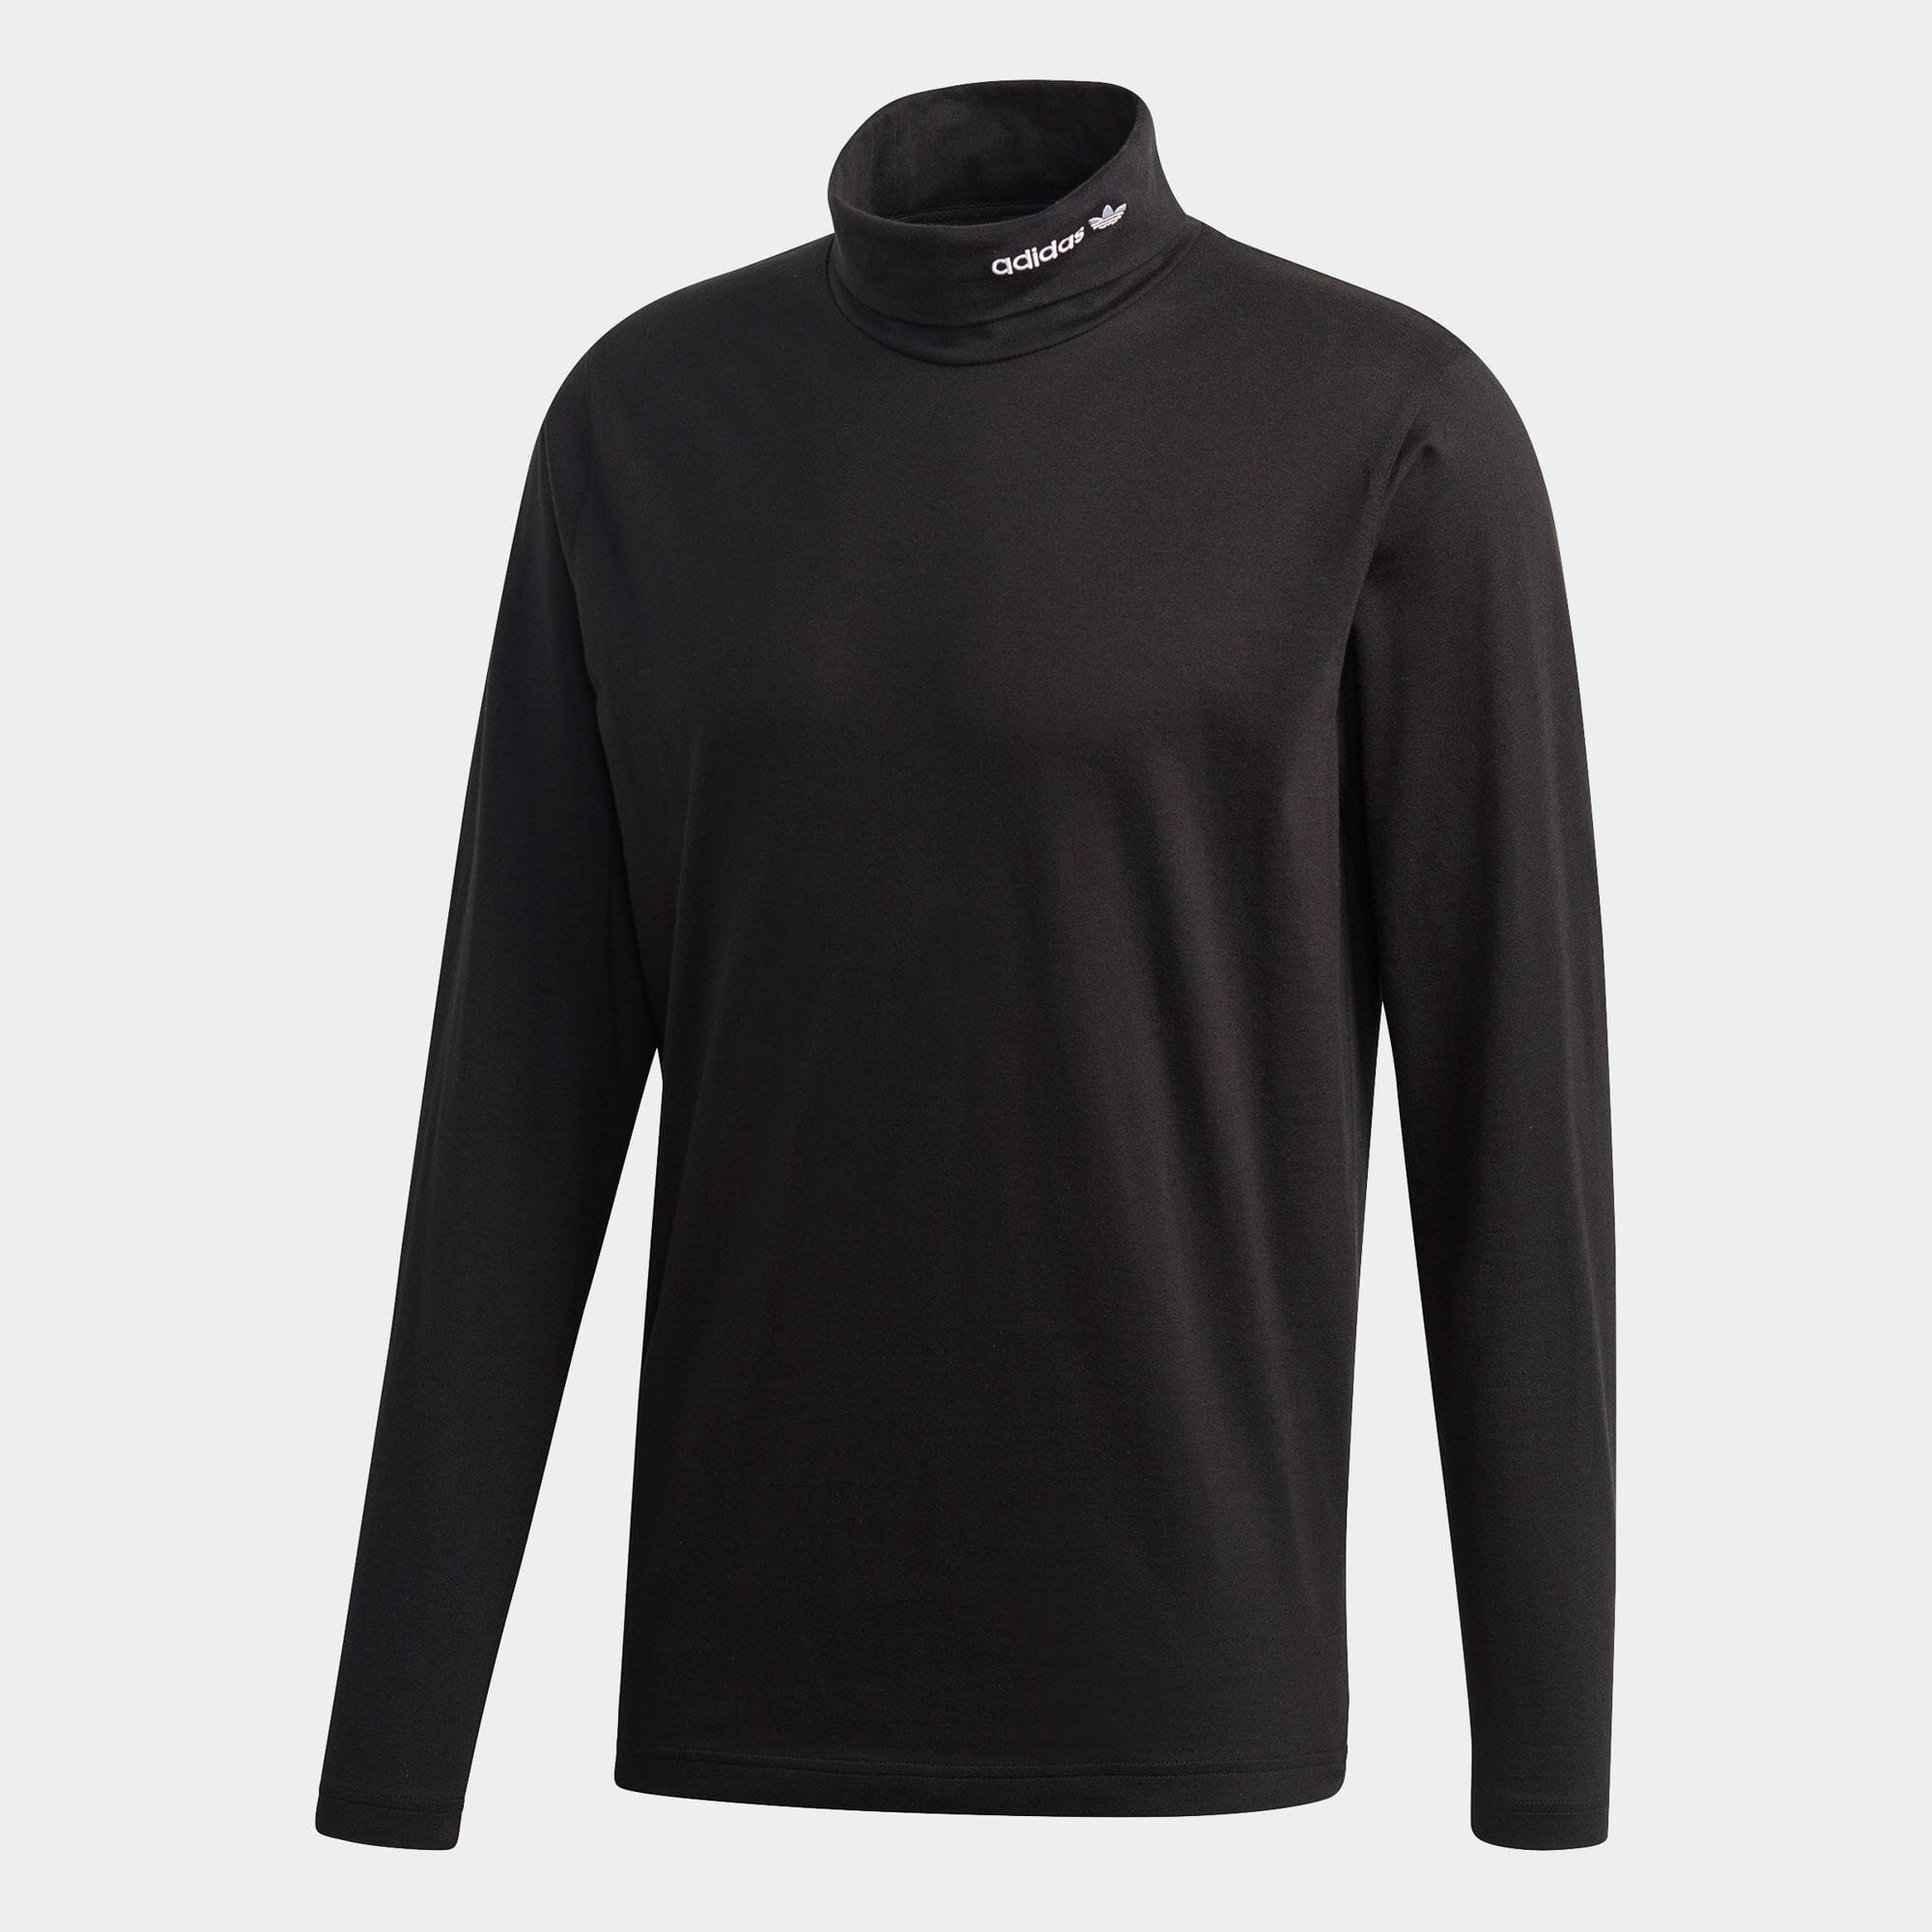 アドベンチャー ベースレイヤーTシャツ